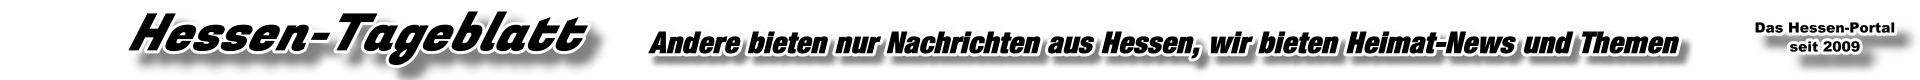 Hessen-Tageblatt-Logo-2017